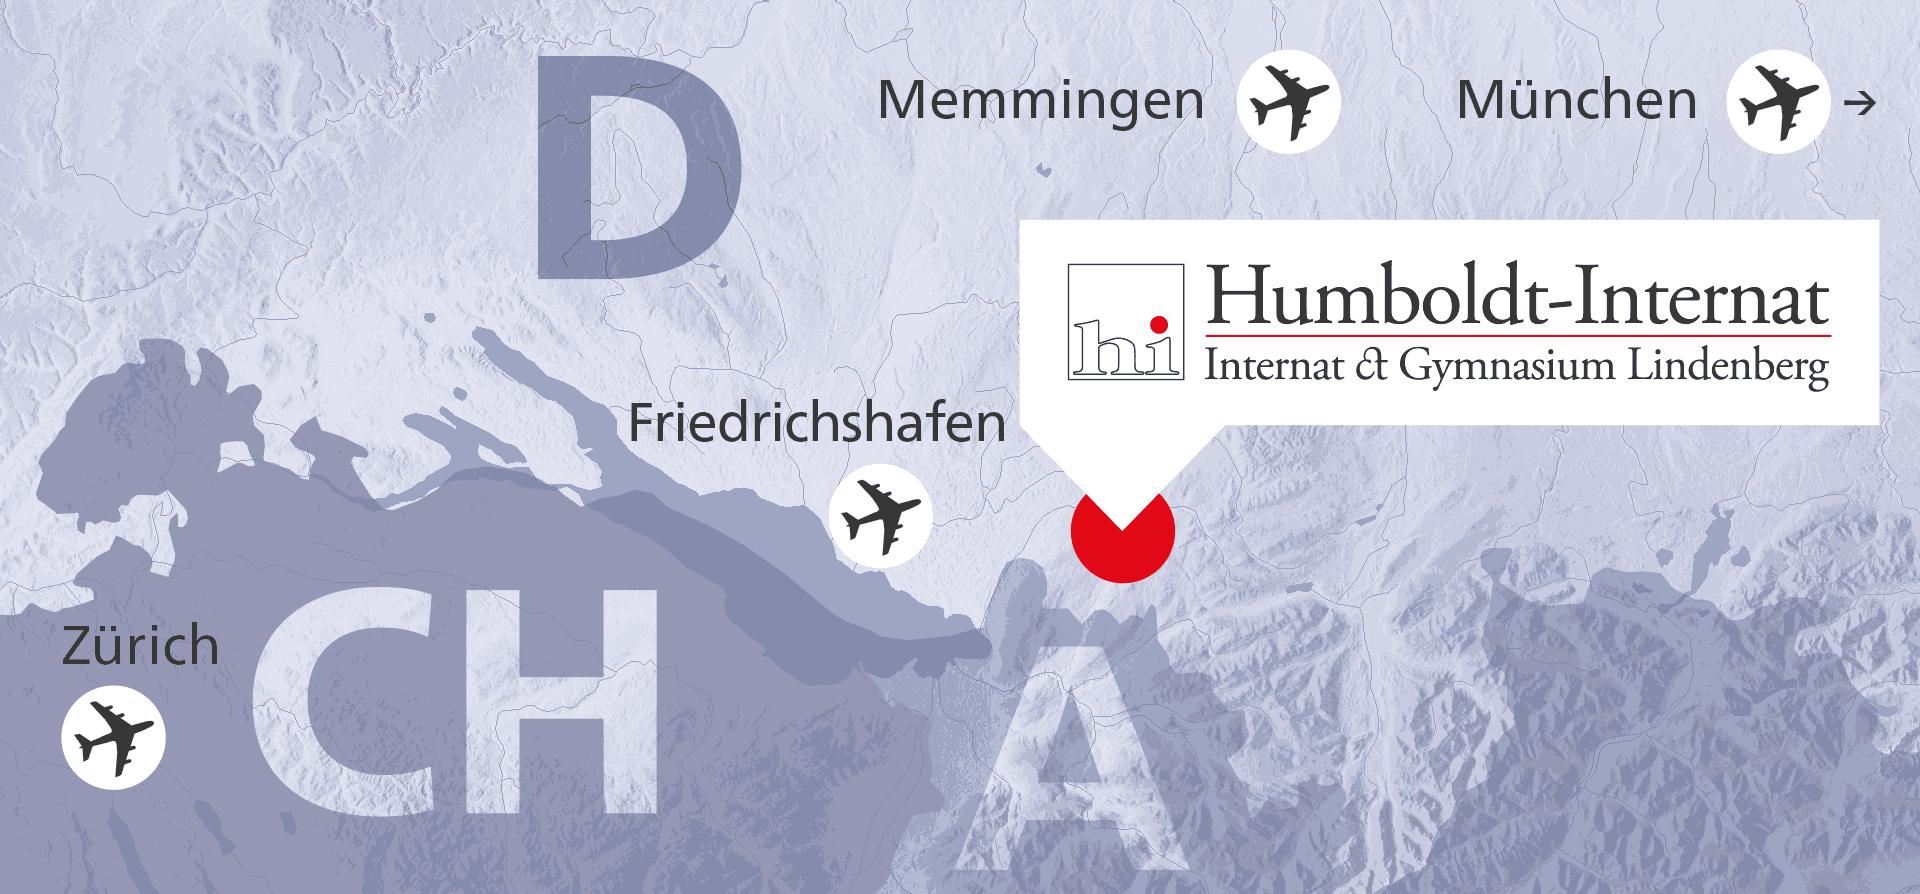 Die Lage des Internats Lindenberg mit den Flughäfen Friedrichshafen, Memmingen, München und Zürich.